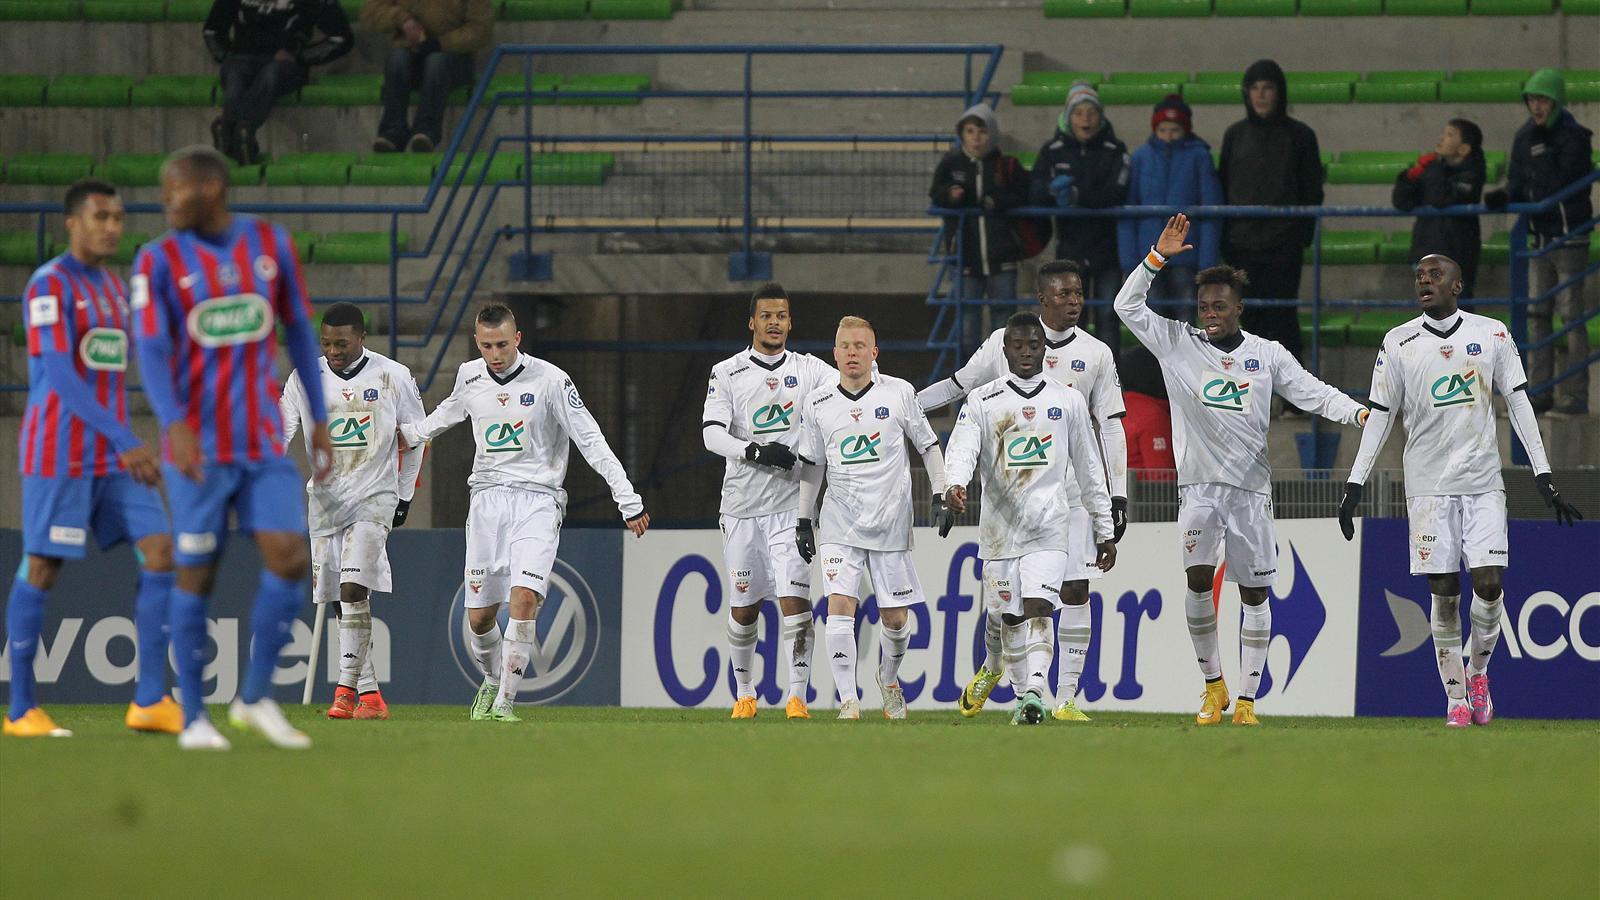 En direct live caen dijon coupe de france 4 janvier 2015 eurosport - Coupe de france 2015 direct ...